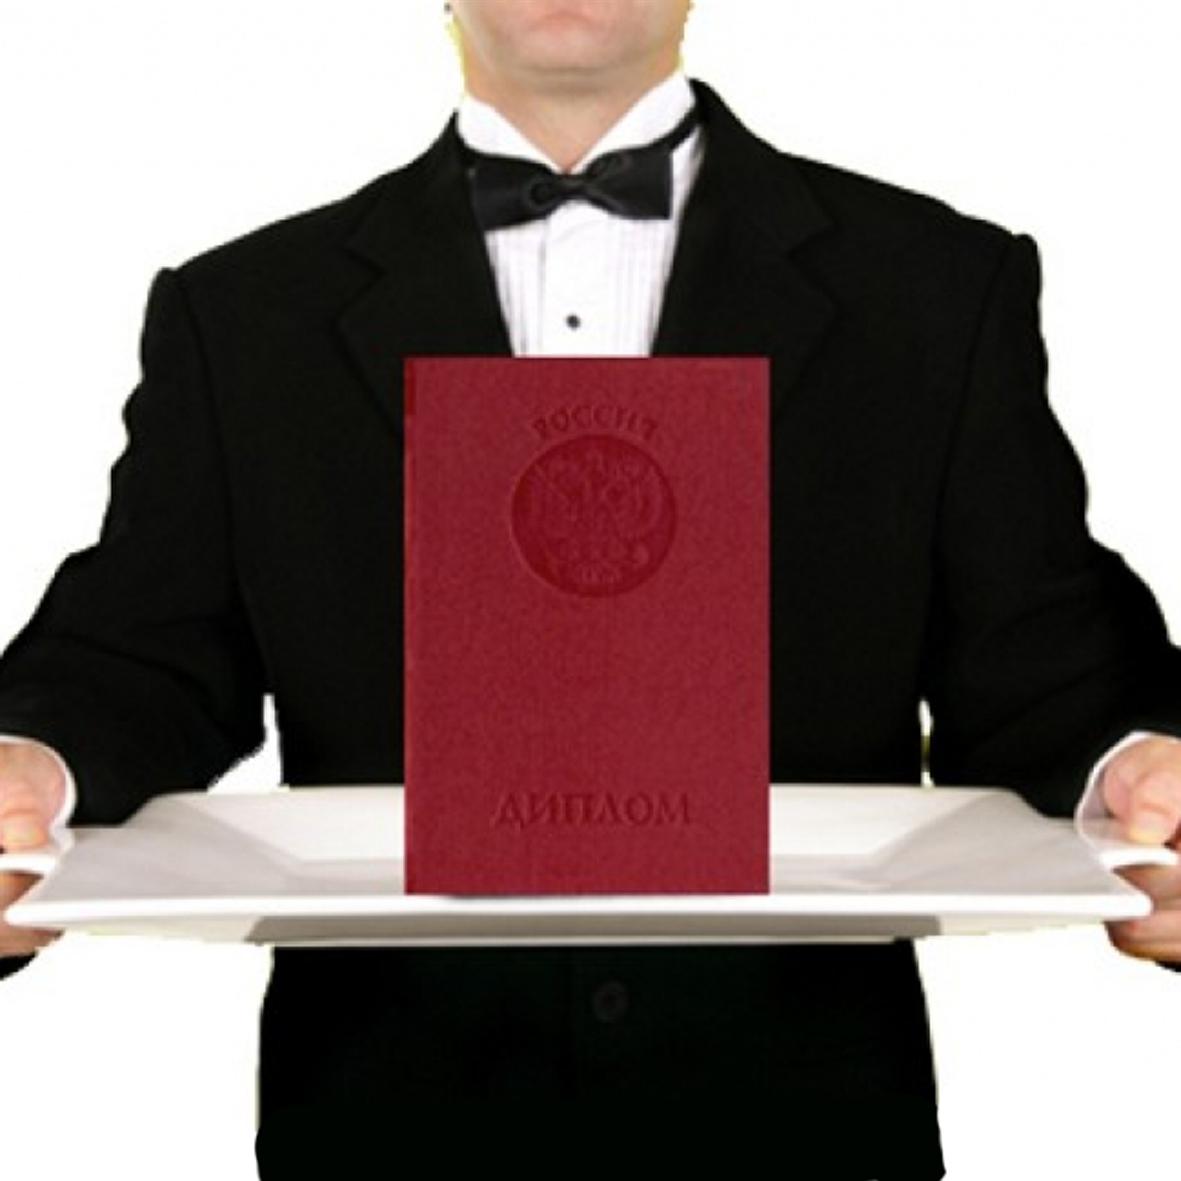 Выпускники Вологодского госуниверситета получат дипломы без «корочек»